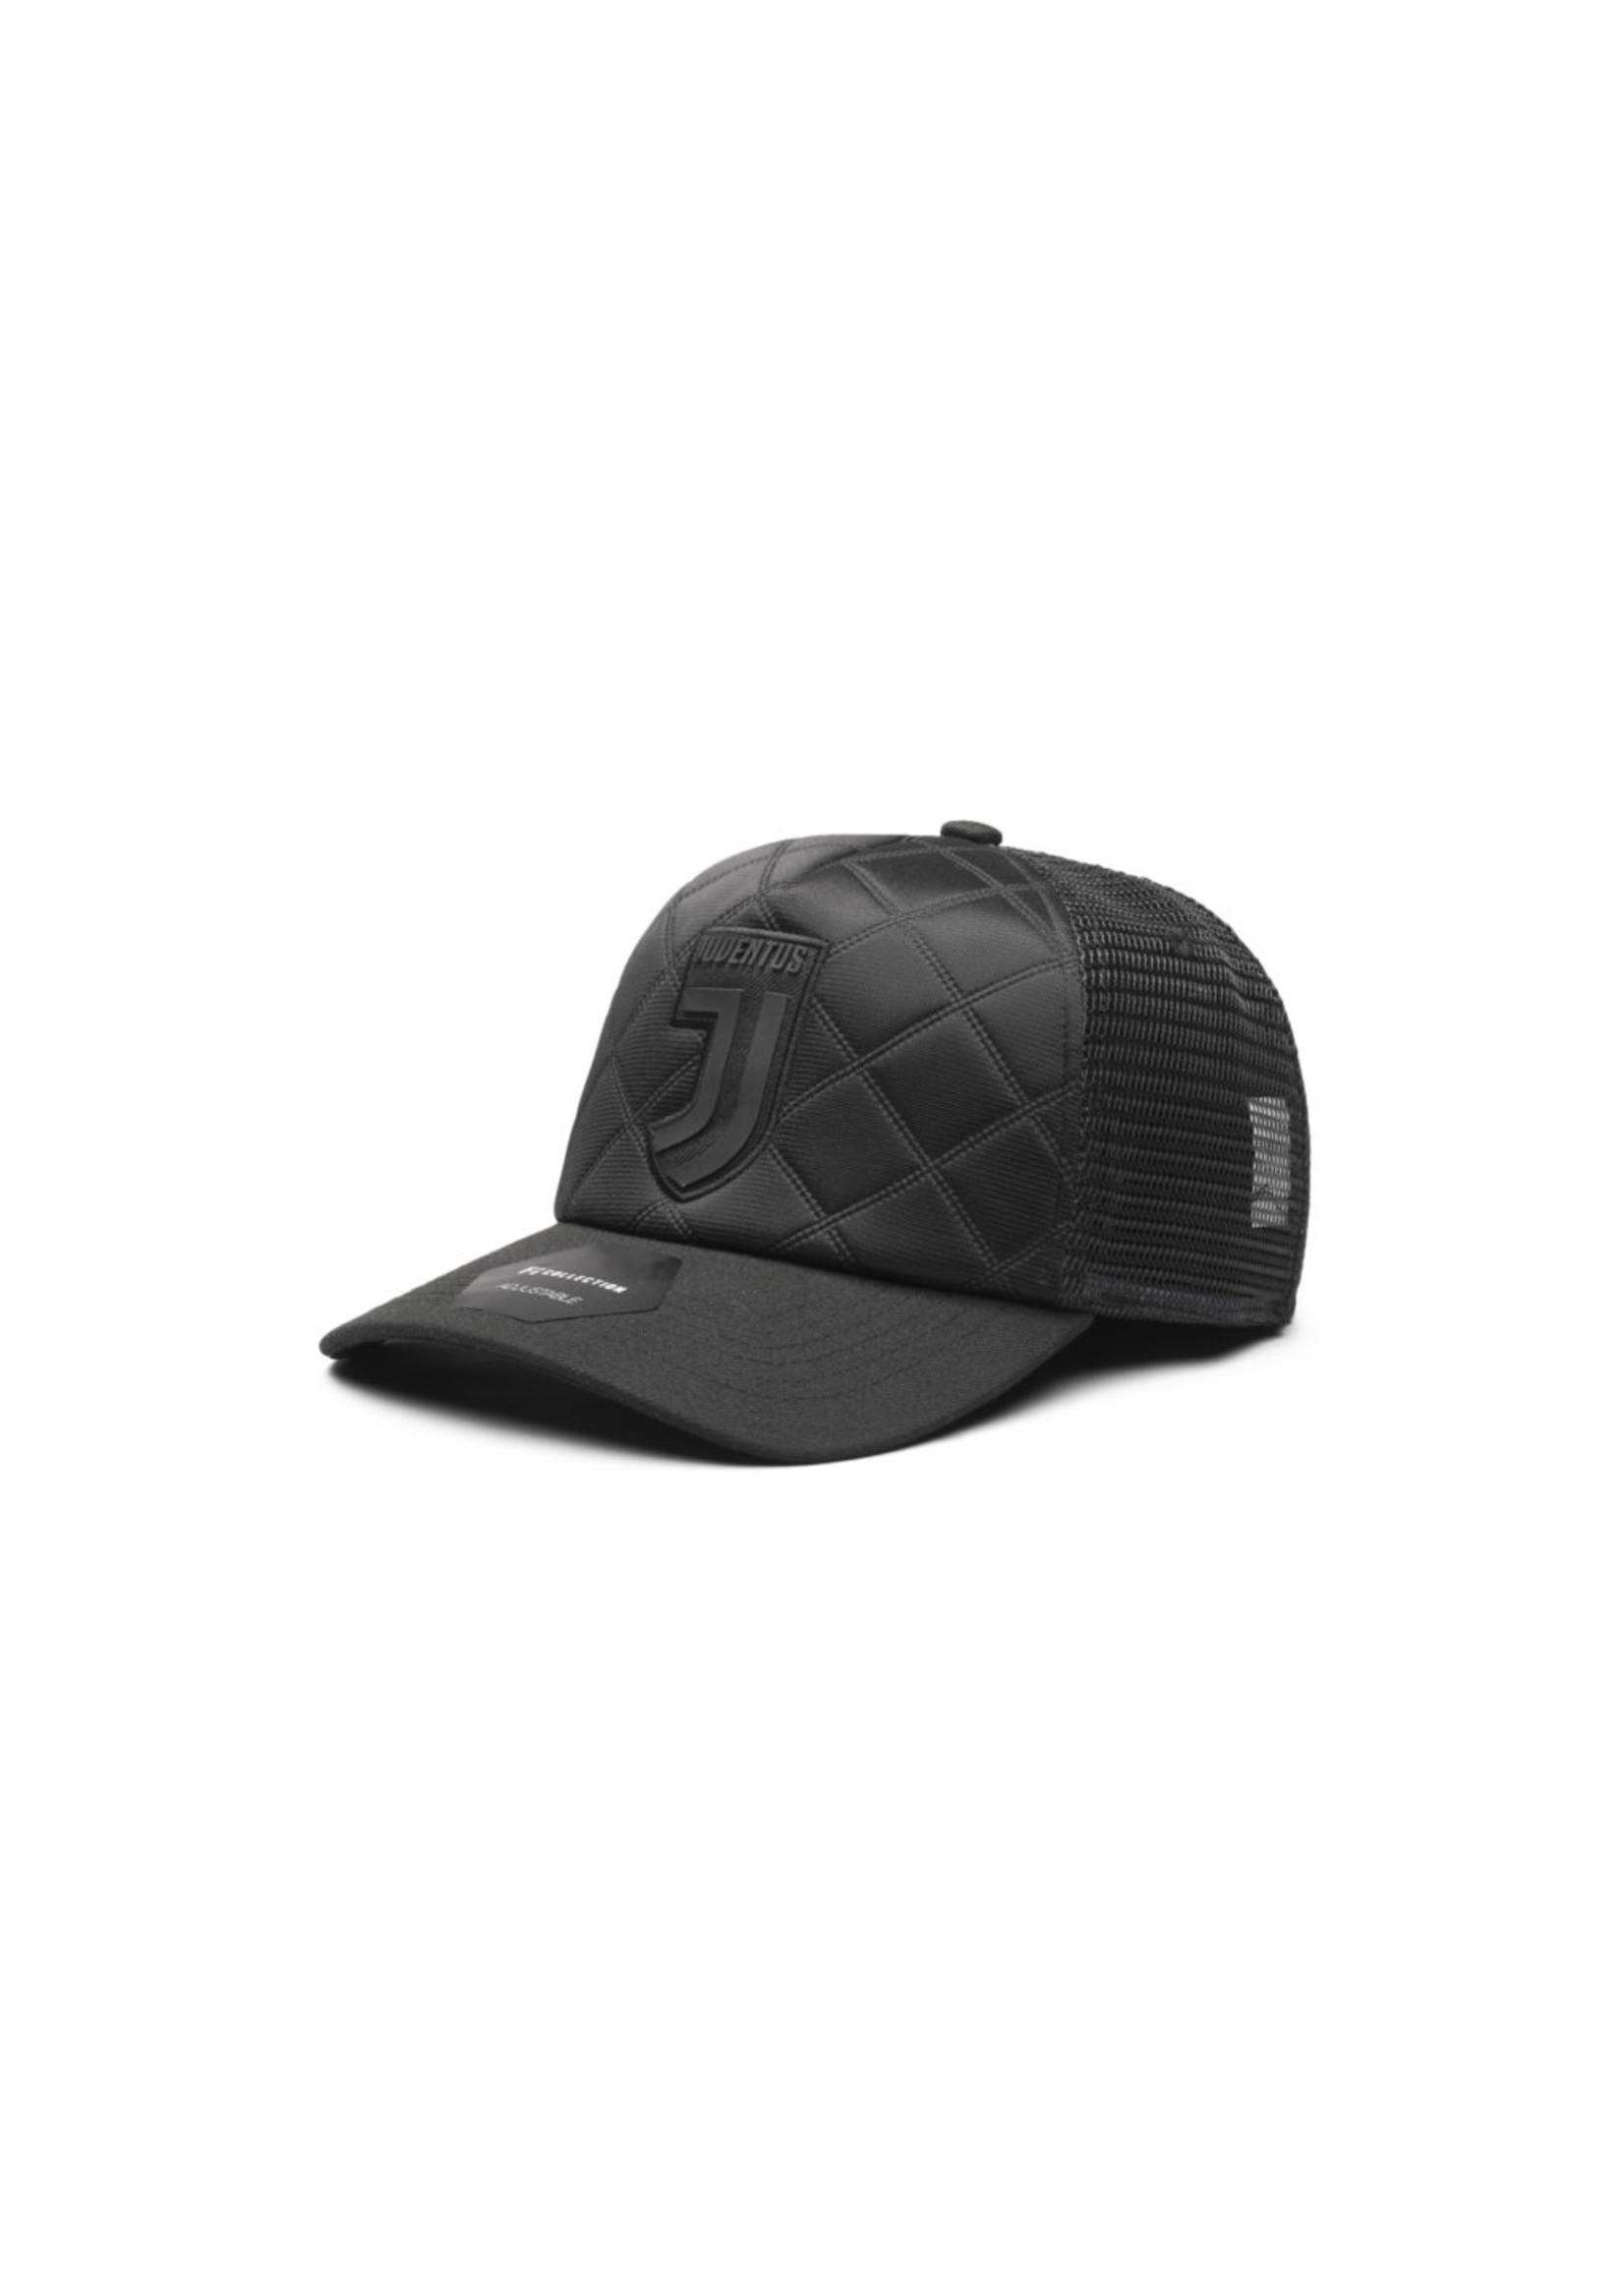 Juventus Premium Onyx Trucker Hat